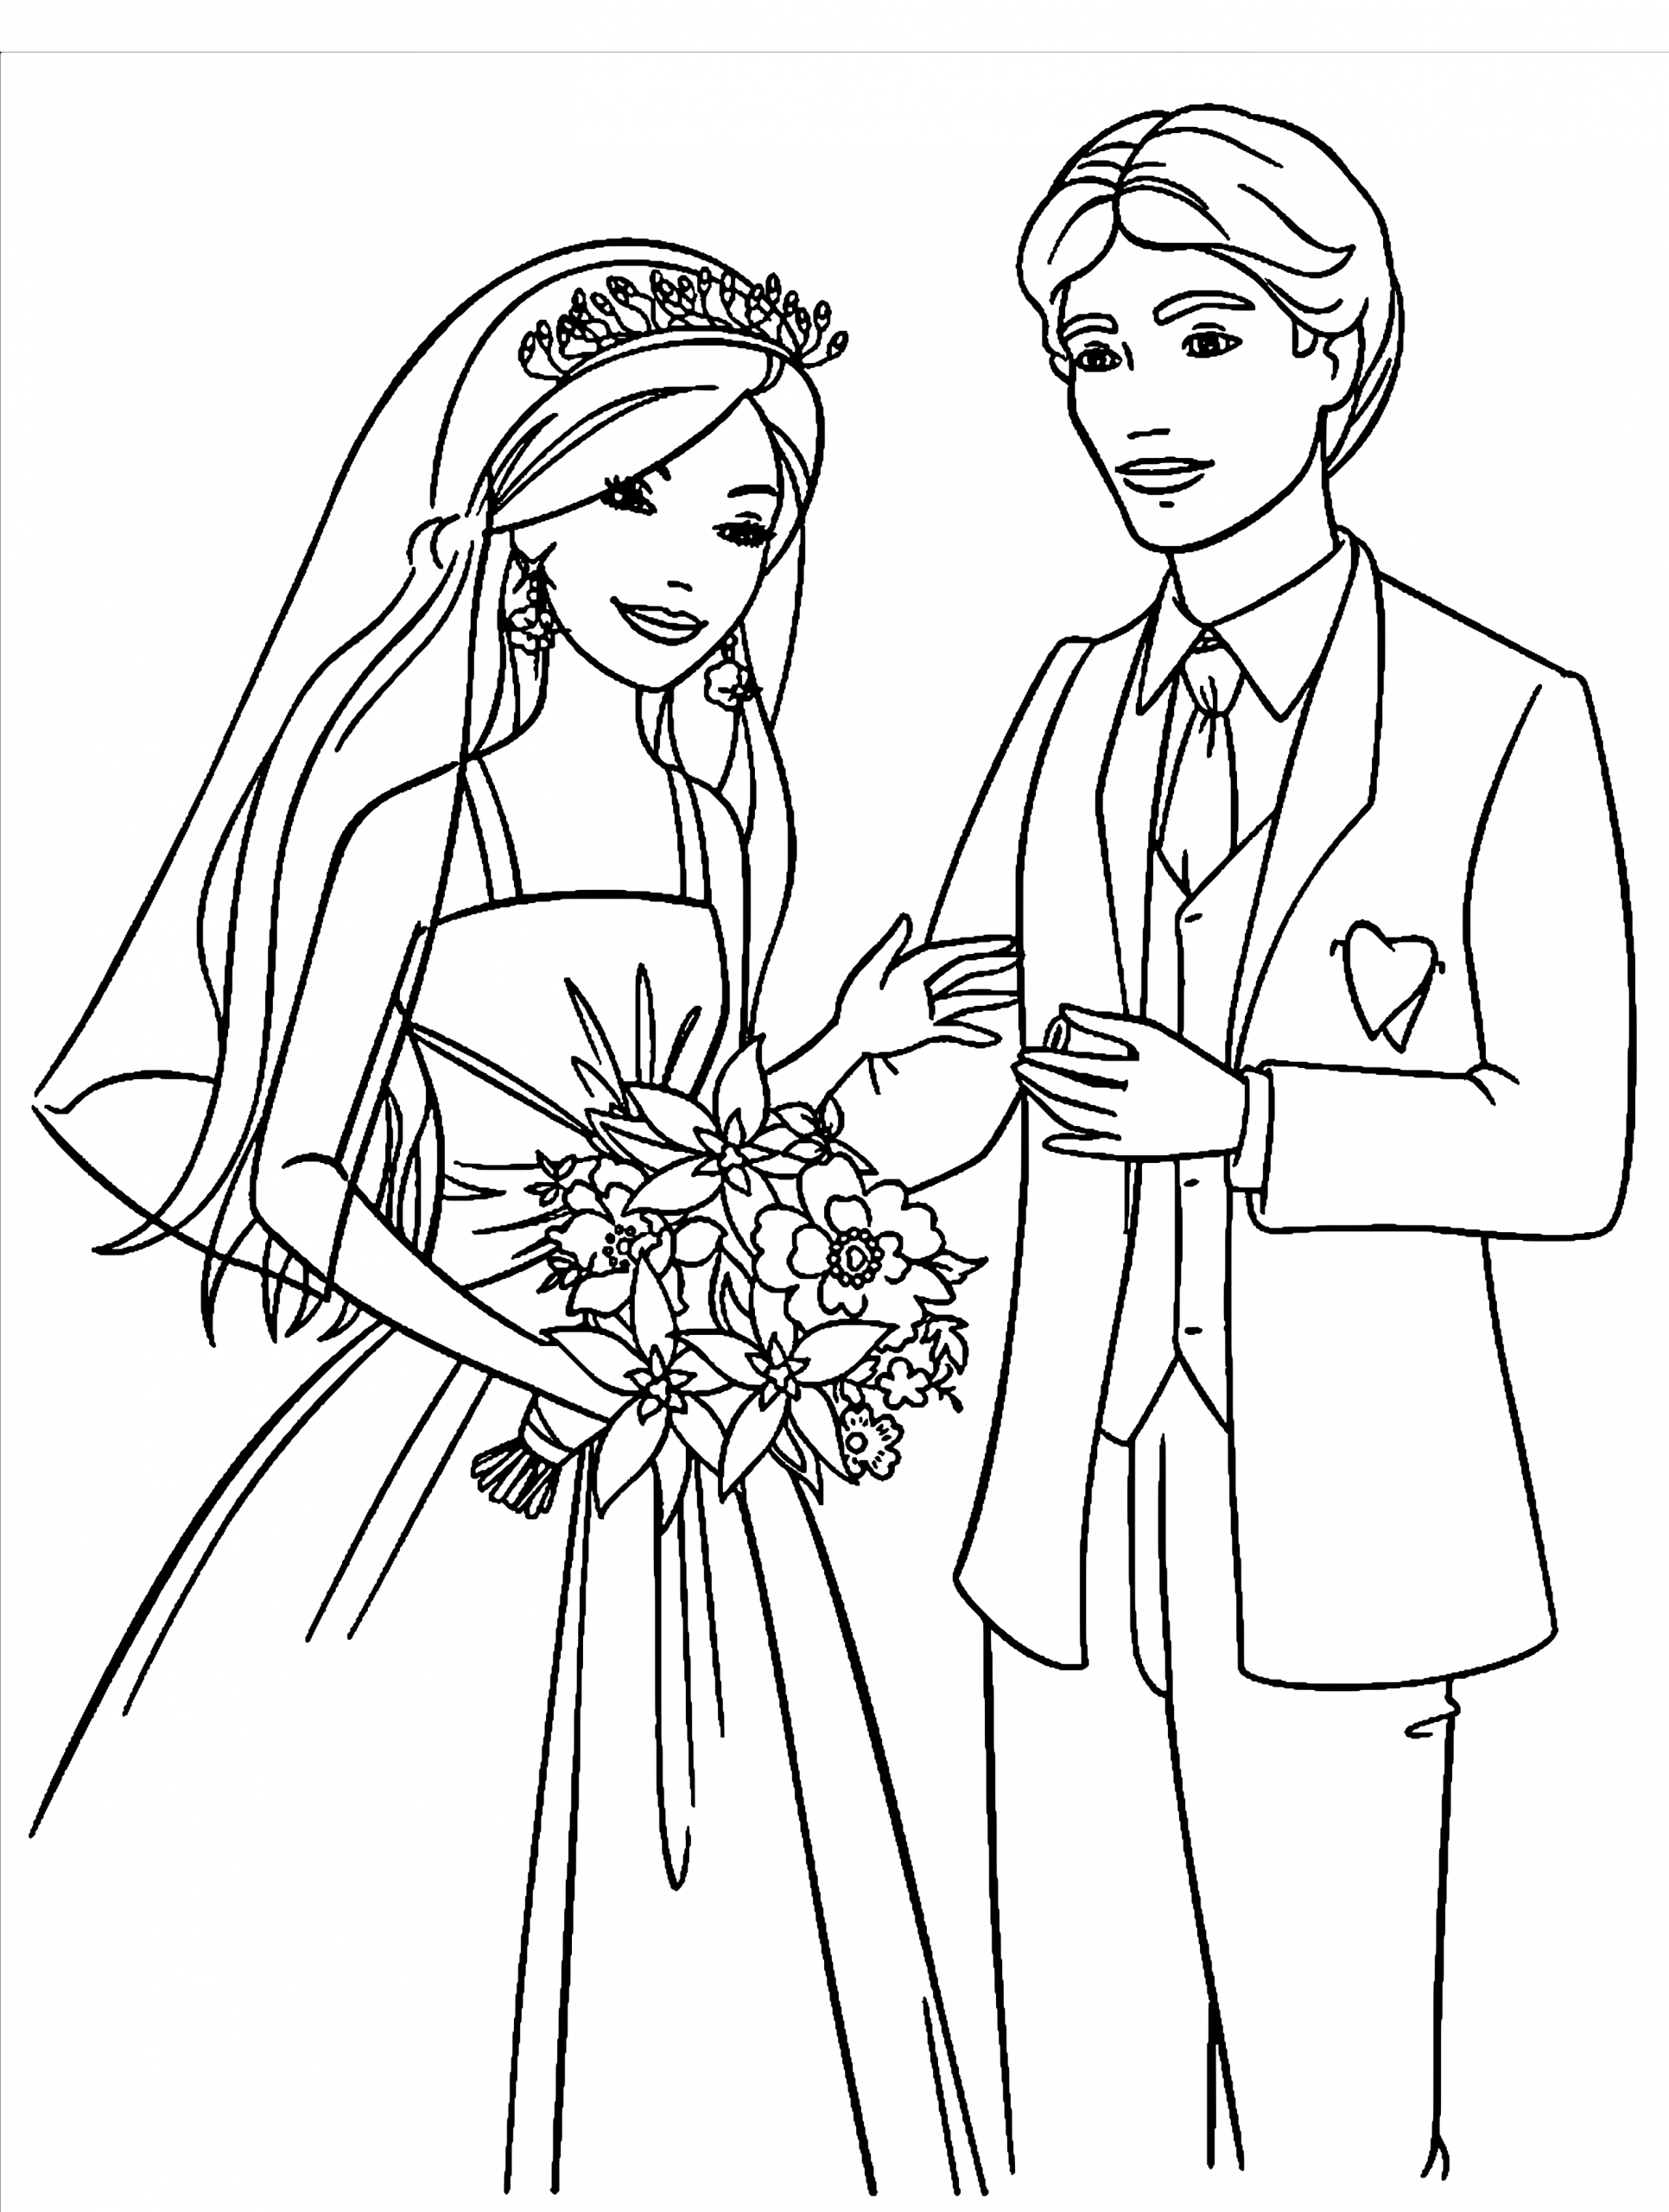 Ausmalbilder Hochzeit Zum Ausdrucken - 1Ausmalbilder bei Hochzeitsbilder Zum Ausdrucken